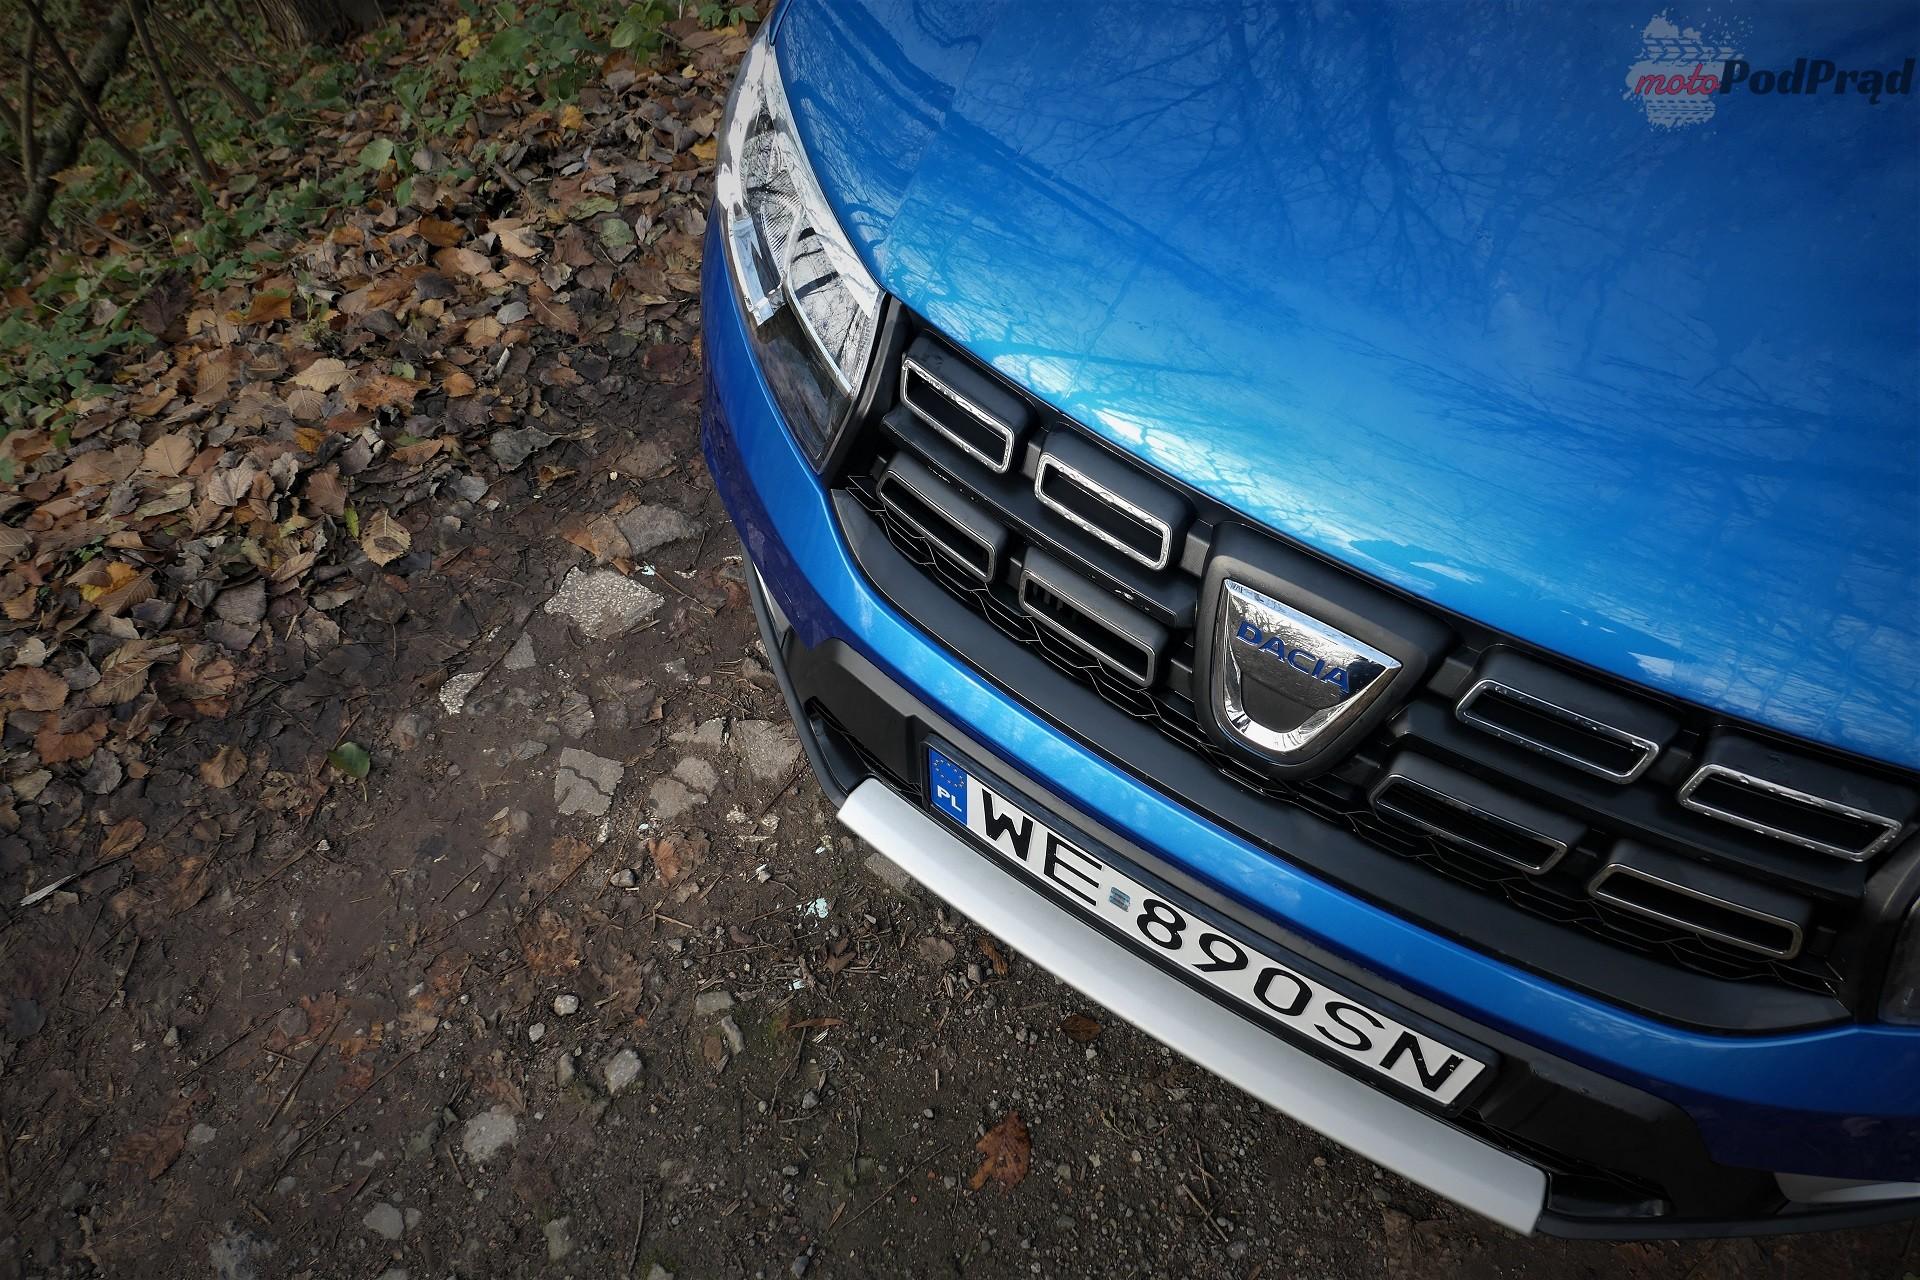 Dacia Sandero Stepway 13 Test: Dacia Sandero Stepway   w prostocie siła